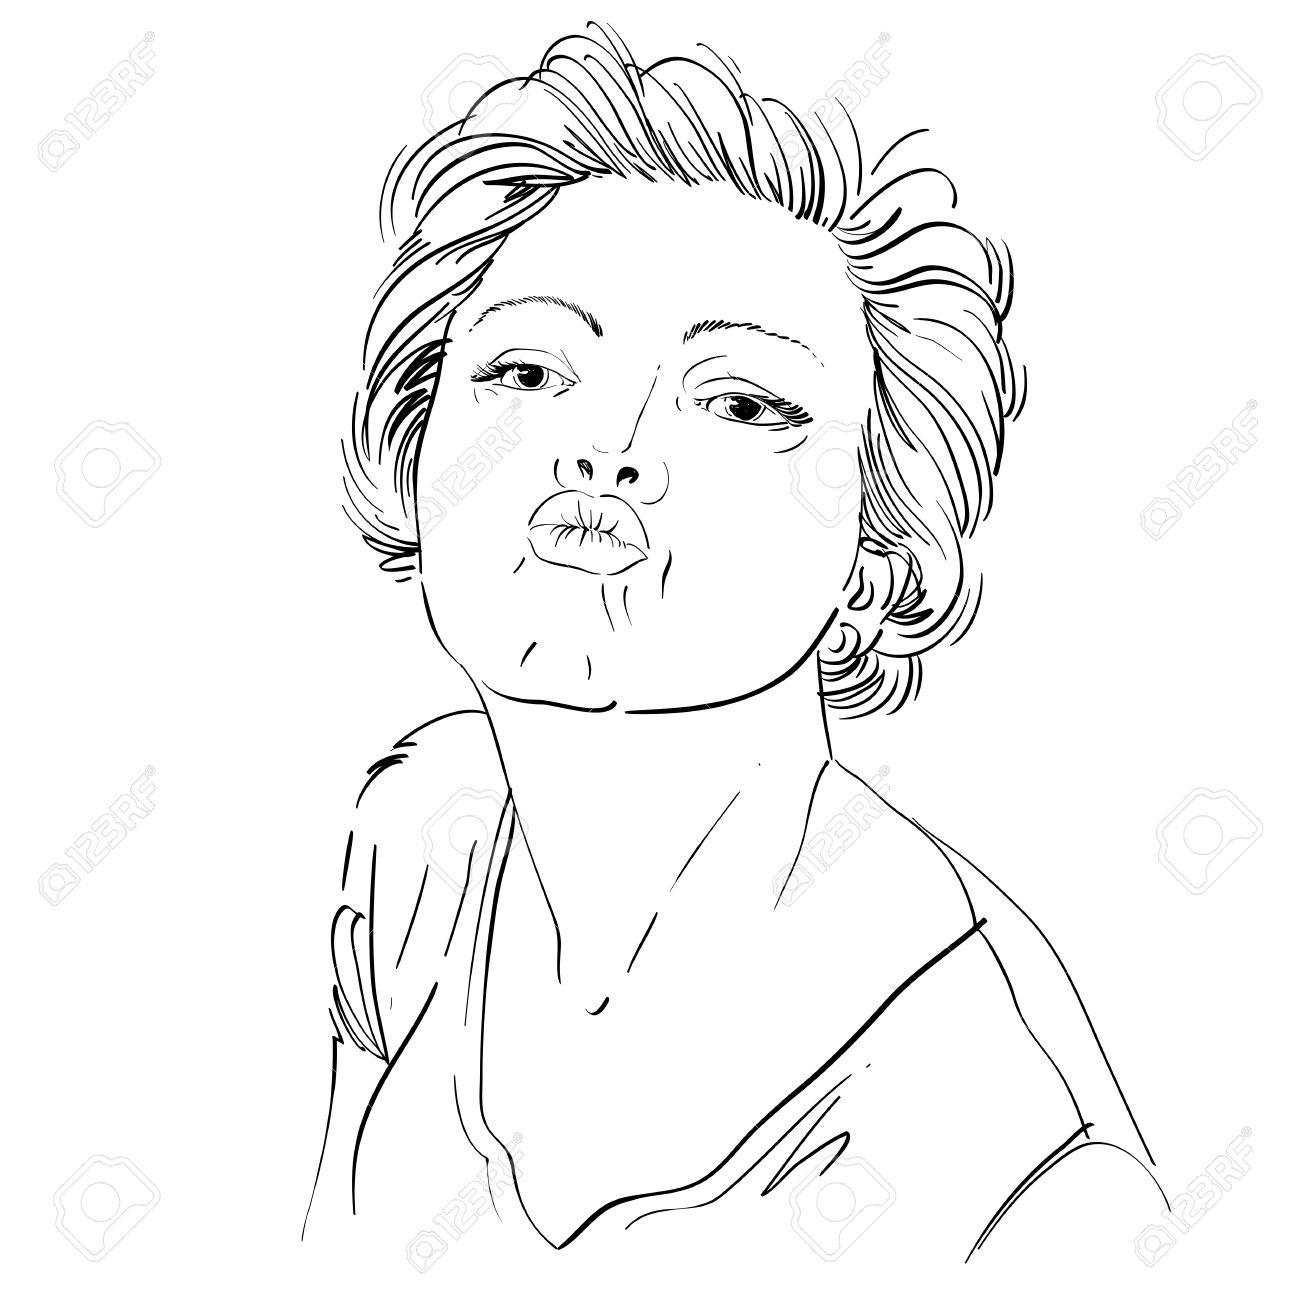 Kunstlerische Hand Gezeichnet Bild Schwarz Weiss Portrat Von